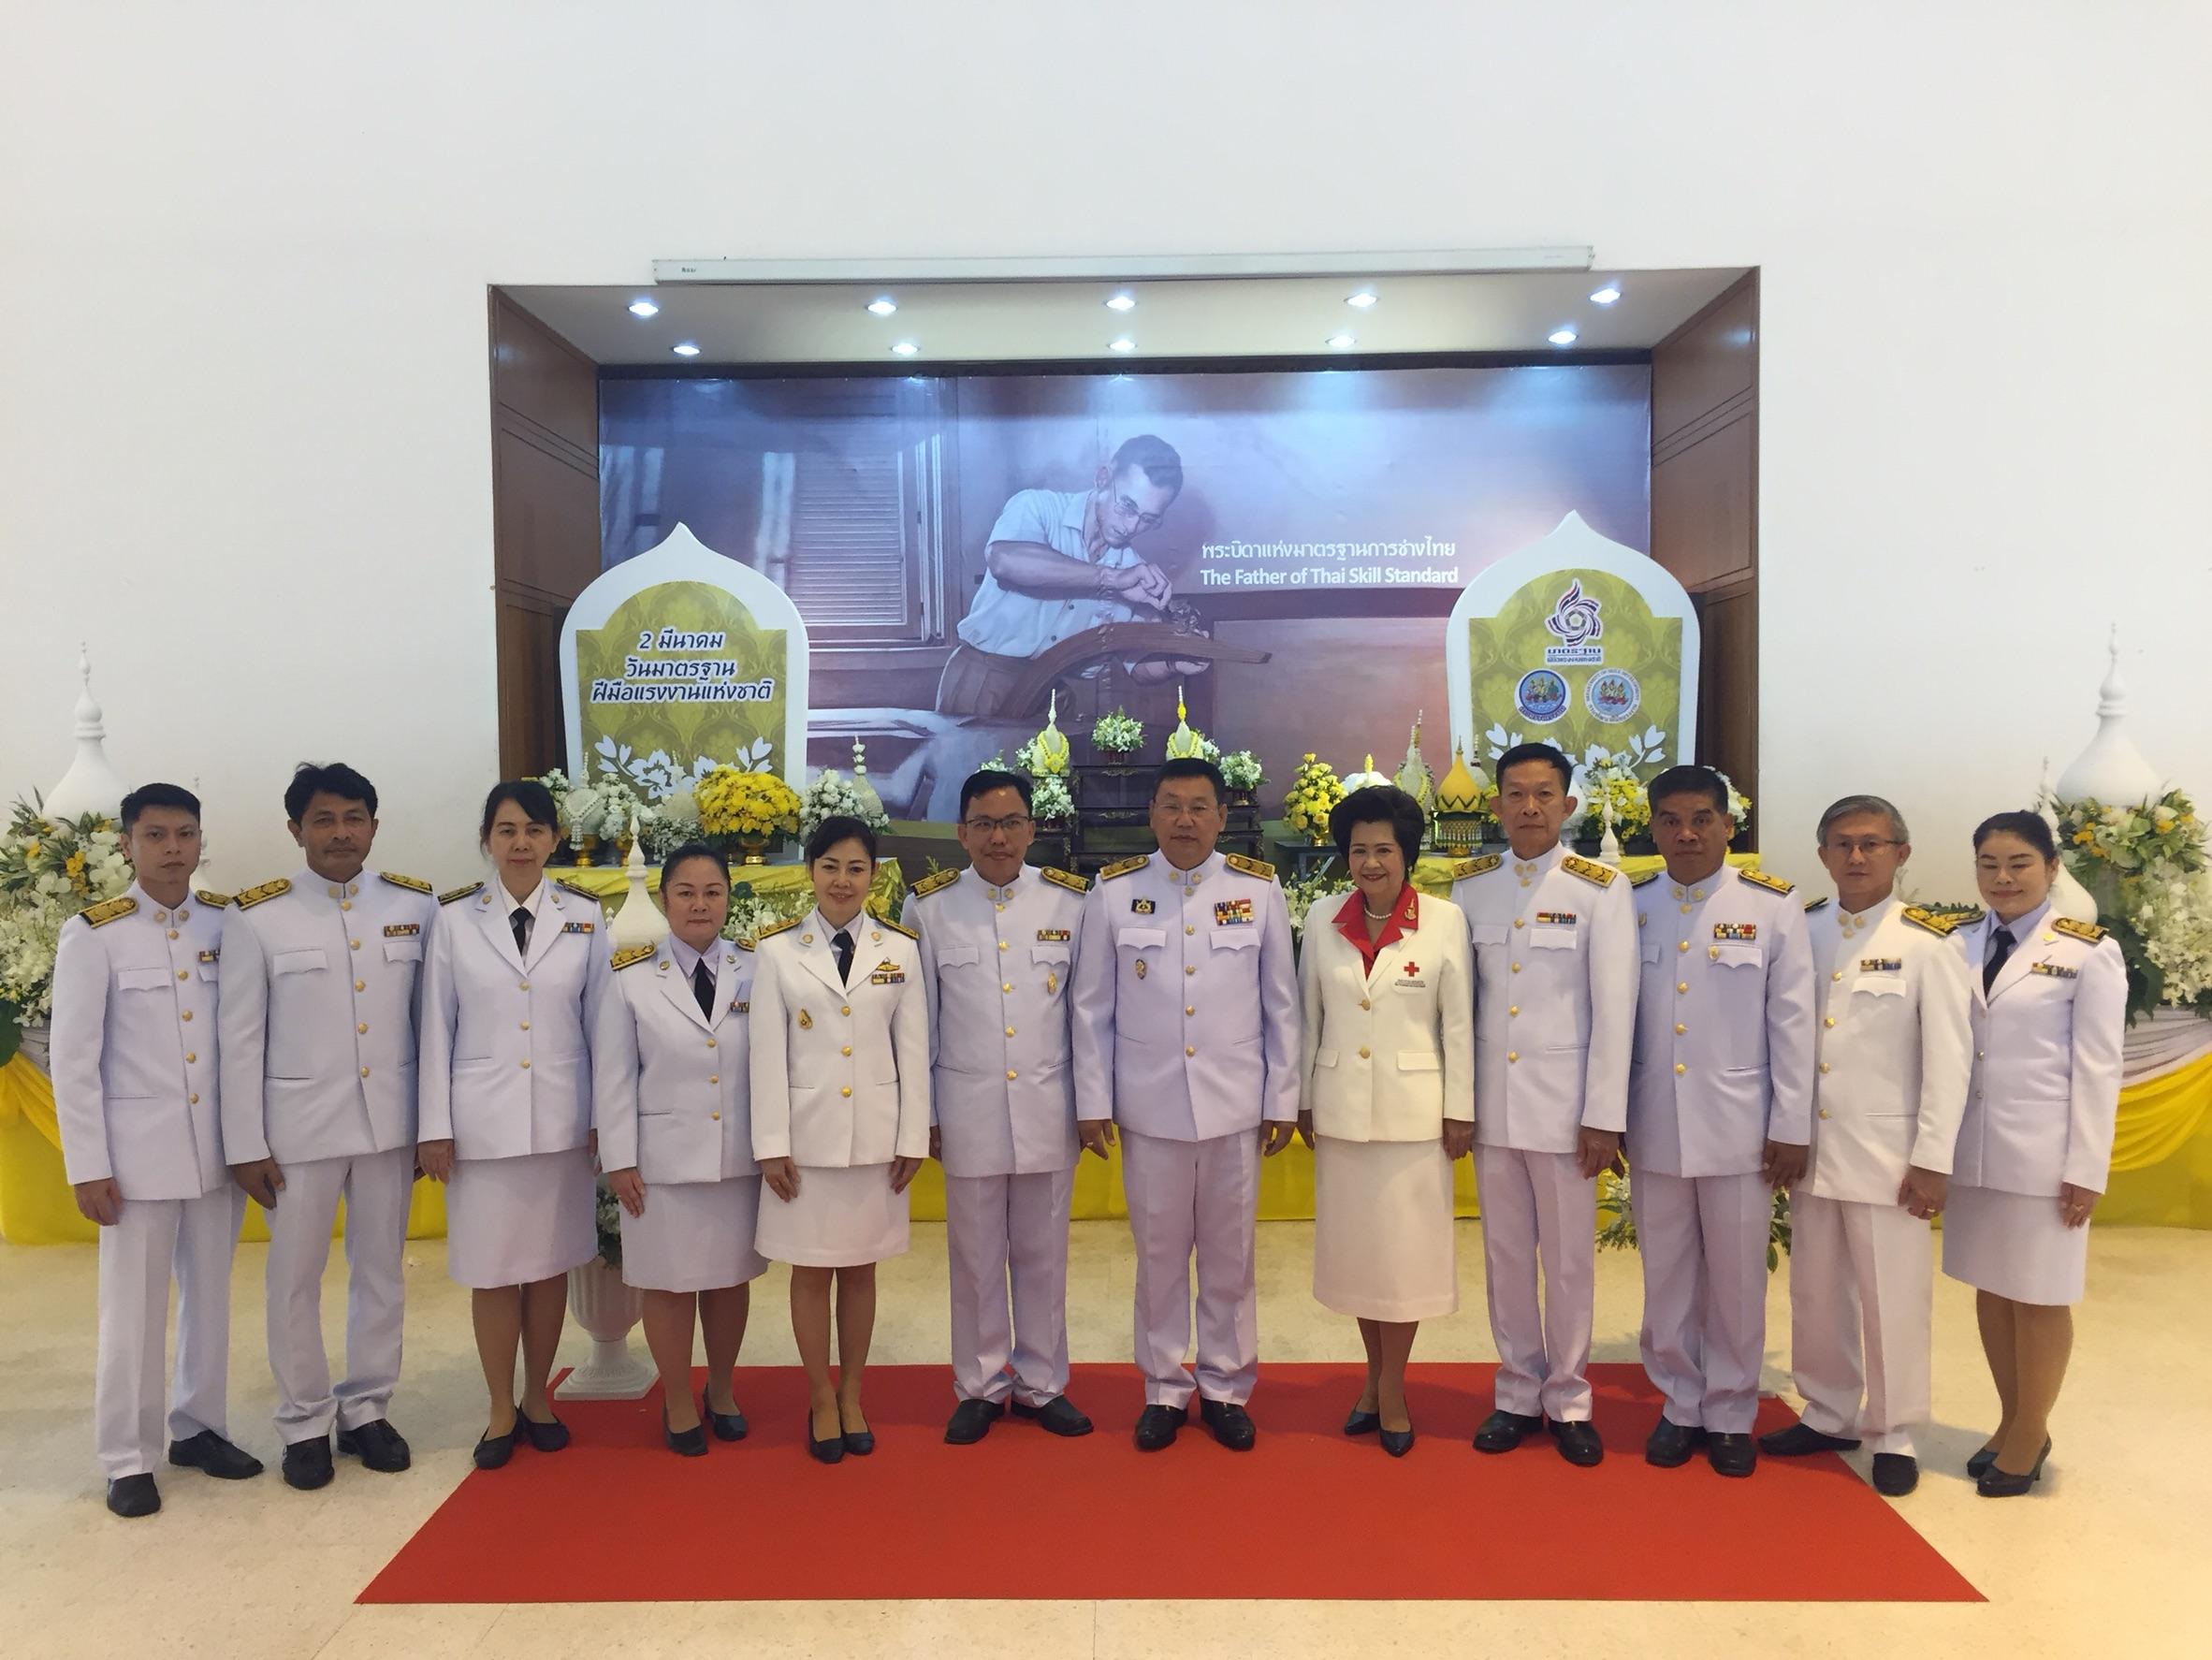 """ร่วมพิธีถวายราชสักการะพระบาทสมเด็จพระปรมินทรมหาภูมิพลอดุลยเดชฯ """"พระบิดาแห่งมาตรฐานการช่างไทย"""""""